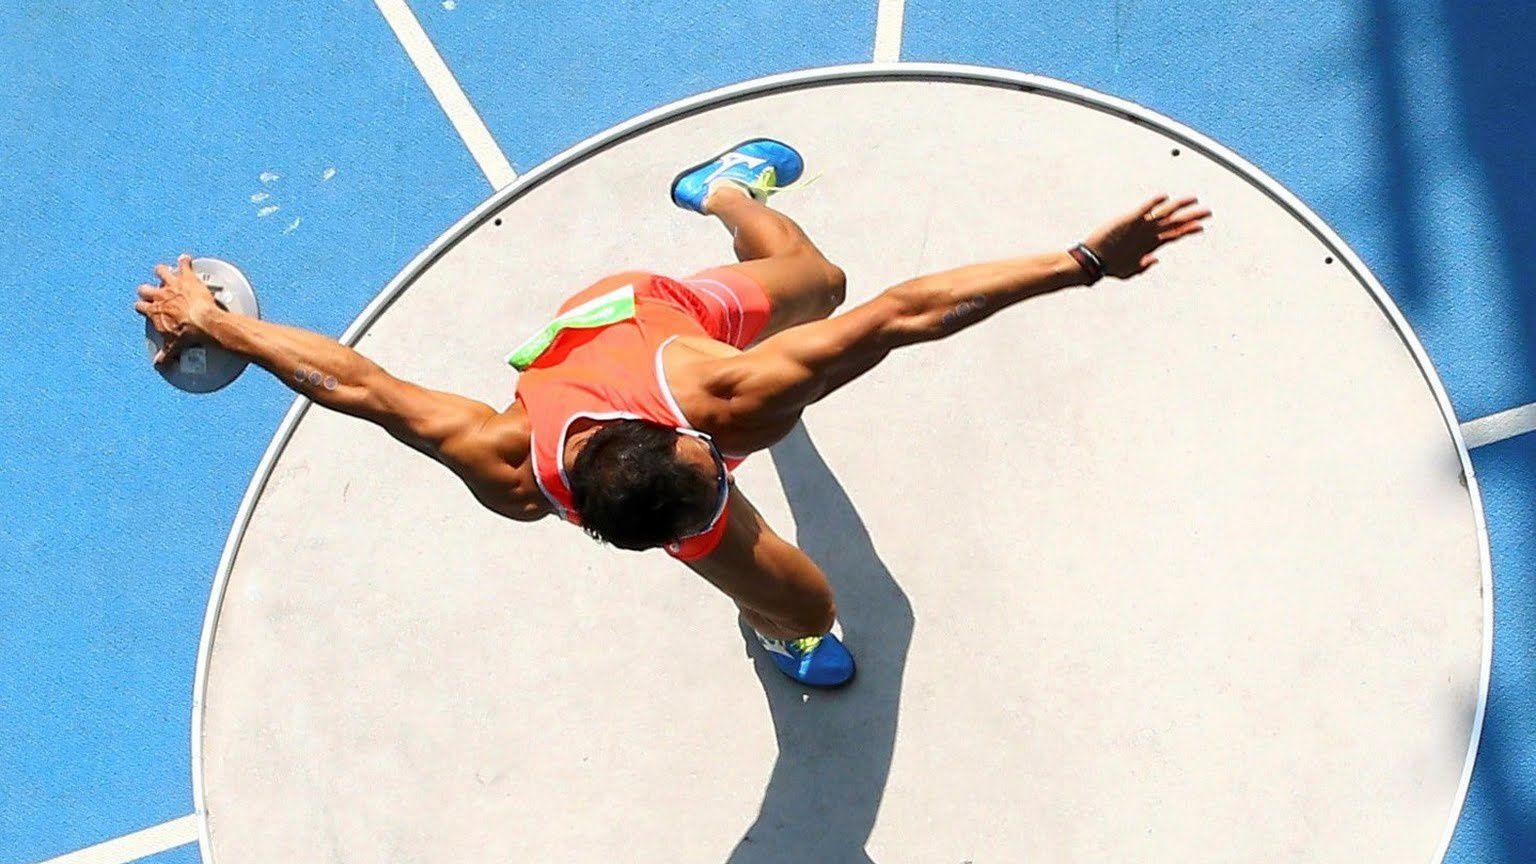 Chronique de jeux olympiques